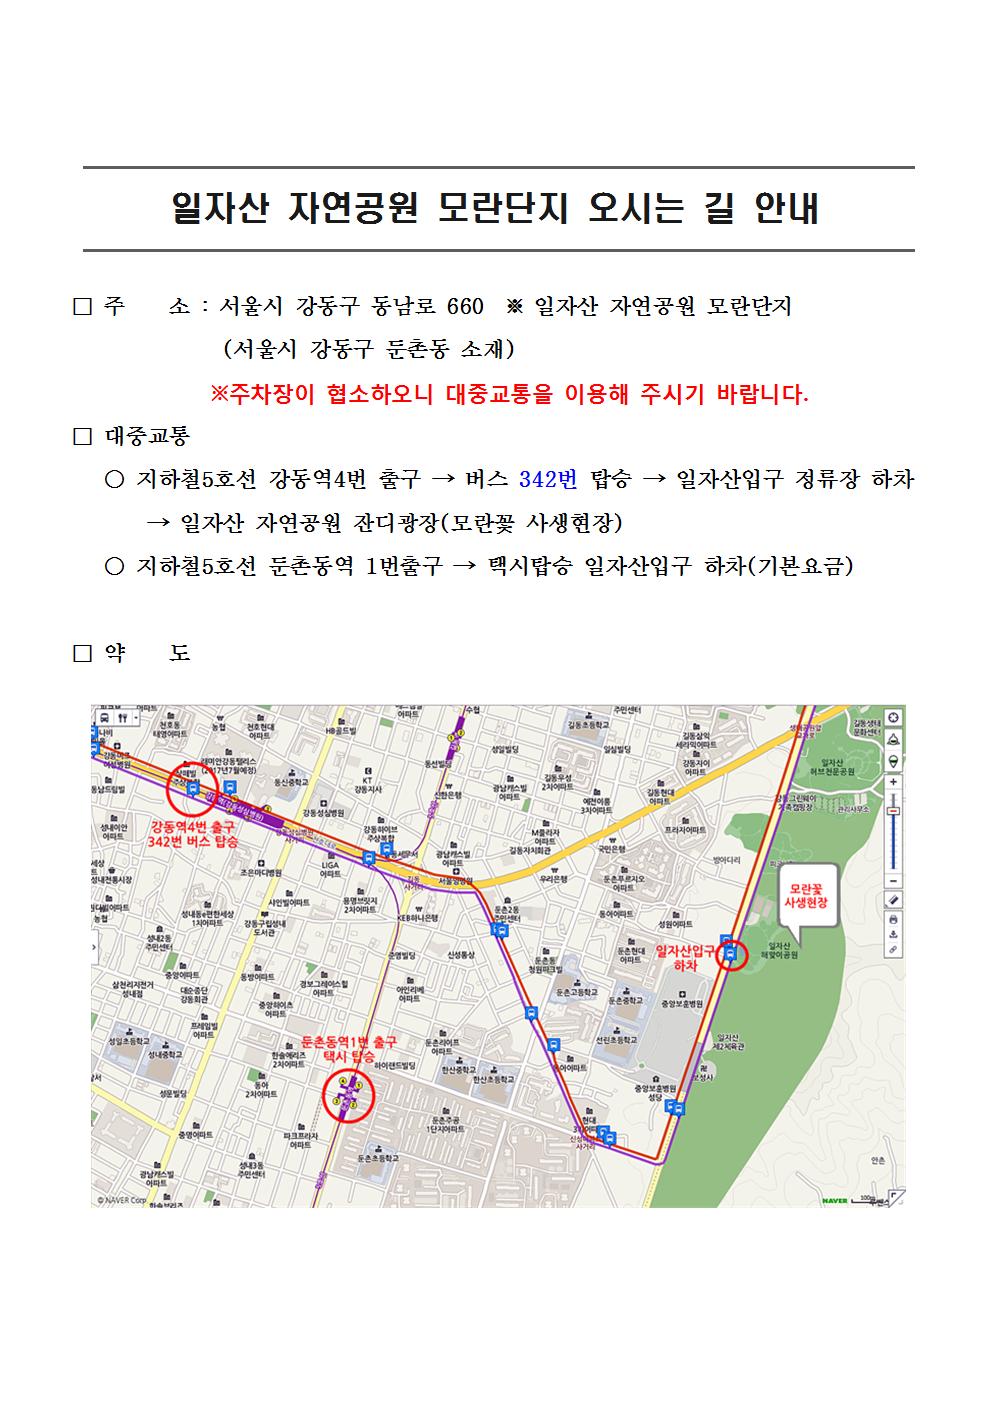 02_일자산 자연공원 모란단지 오시는 길.png